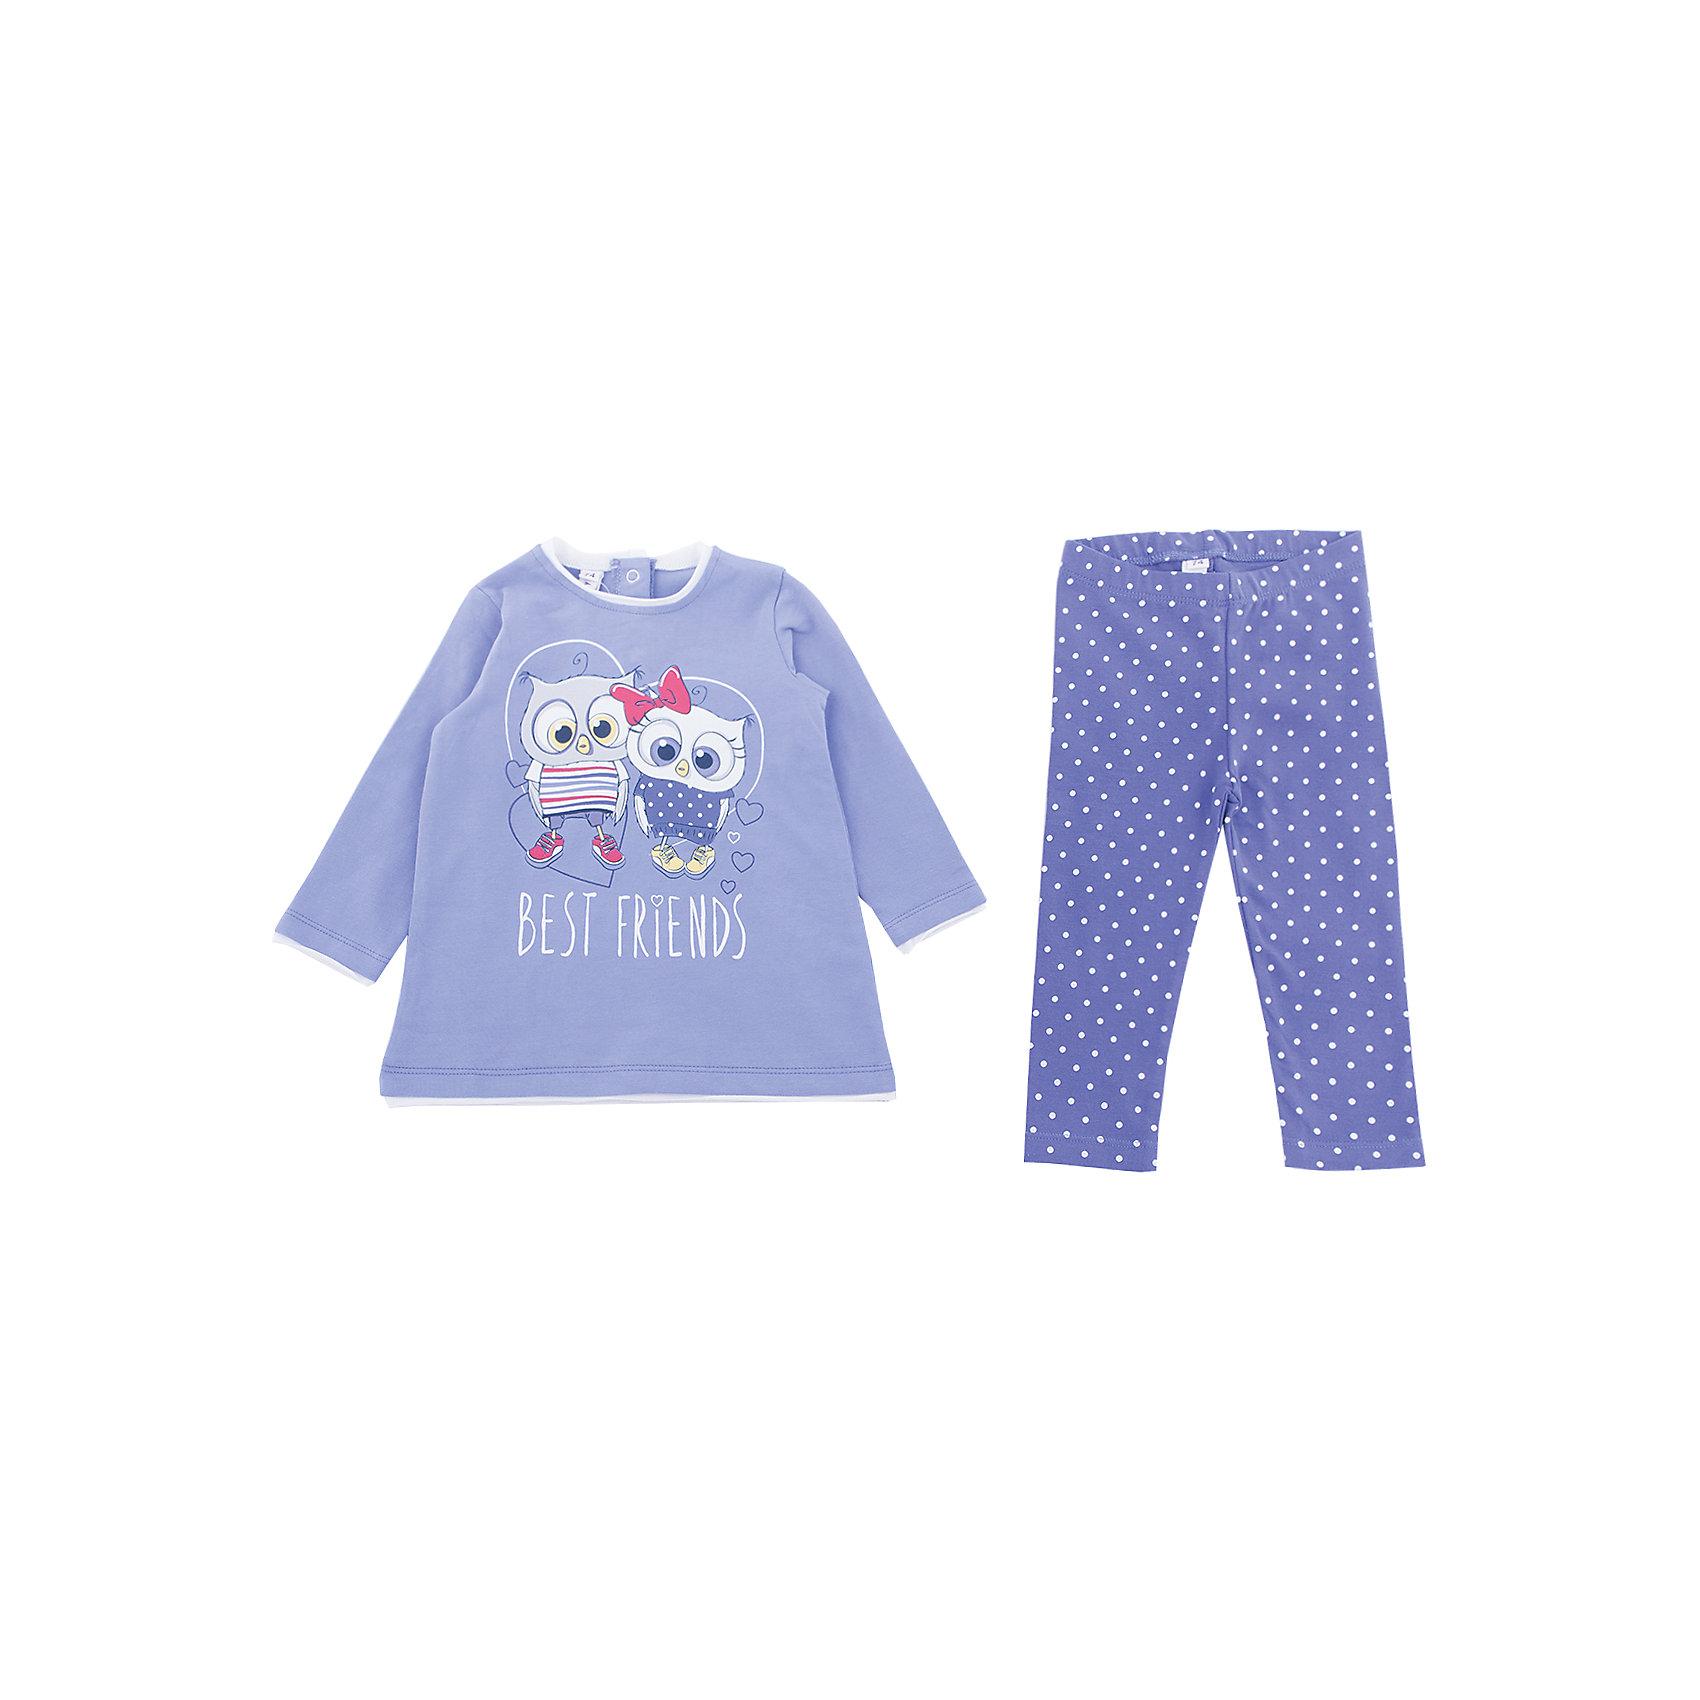 Комплект: футболка и леггинсы PlayToday для девочкиКомплекты<br>Комплект: футболка и леггинсы PlayToday для девочки<br>Комплект из футболки и леггинсов может быть и домашней, и повседневной одеждой. Натуральный, приятный к телу материал не сковывает движений. На спинке предусмотрены застежки - кнопки. Горловина, манжеты и низ изделия декорированы вставками из трикотажа контрастного цвета. Леггинсы на мягкой резинке, не сдавливающей живот ребенка.<br>Состав:<br>92% хлопок, 8% эластан<br><br>Ширина мм: 199<br>Глубина мм: 10<br>Высота мм: 161<br>Вес г: 151<br>Цвет: белый<br>Возраст от месяцев: 18<br>Возраст до месяцев: 24<br>Пол: Женский<br>Возраст: Детский<br>Размер: 92,74,80,86<br>SKU: 7110216